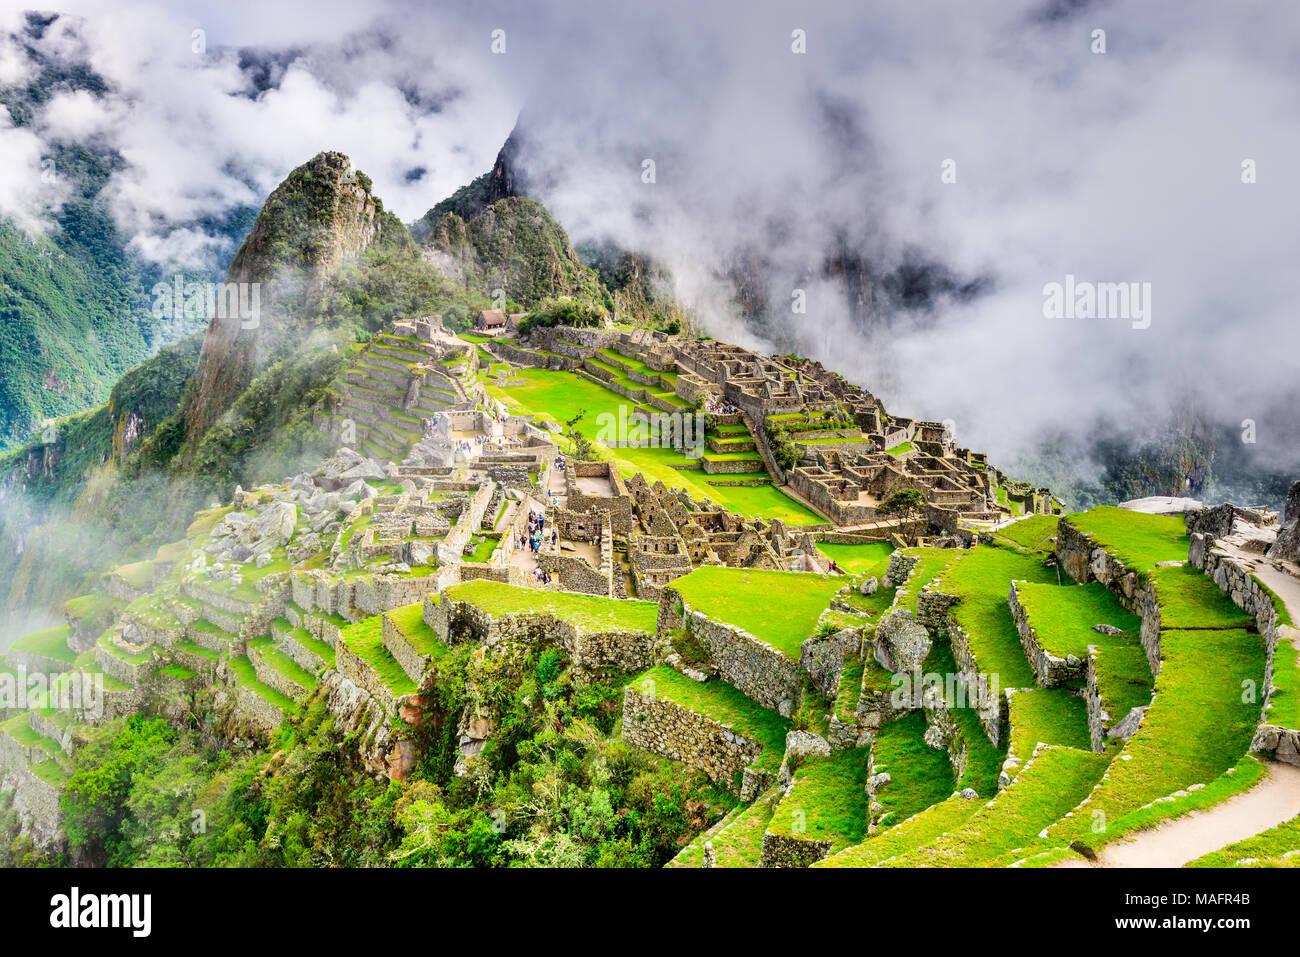 Machu Picchu en Perú - Ruinas del Imperio Inca y la ciudad de montaña Huaynapicchu en el Valle Sagrado, Cusco, en América del Sur. Foto de stock